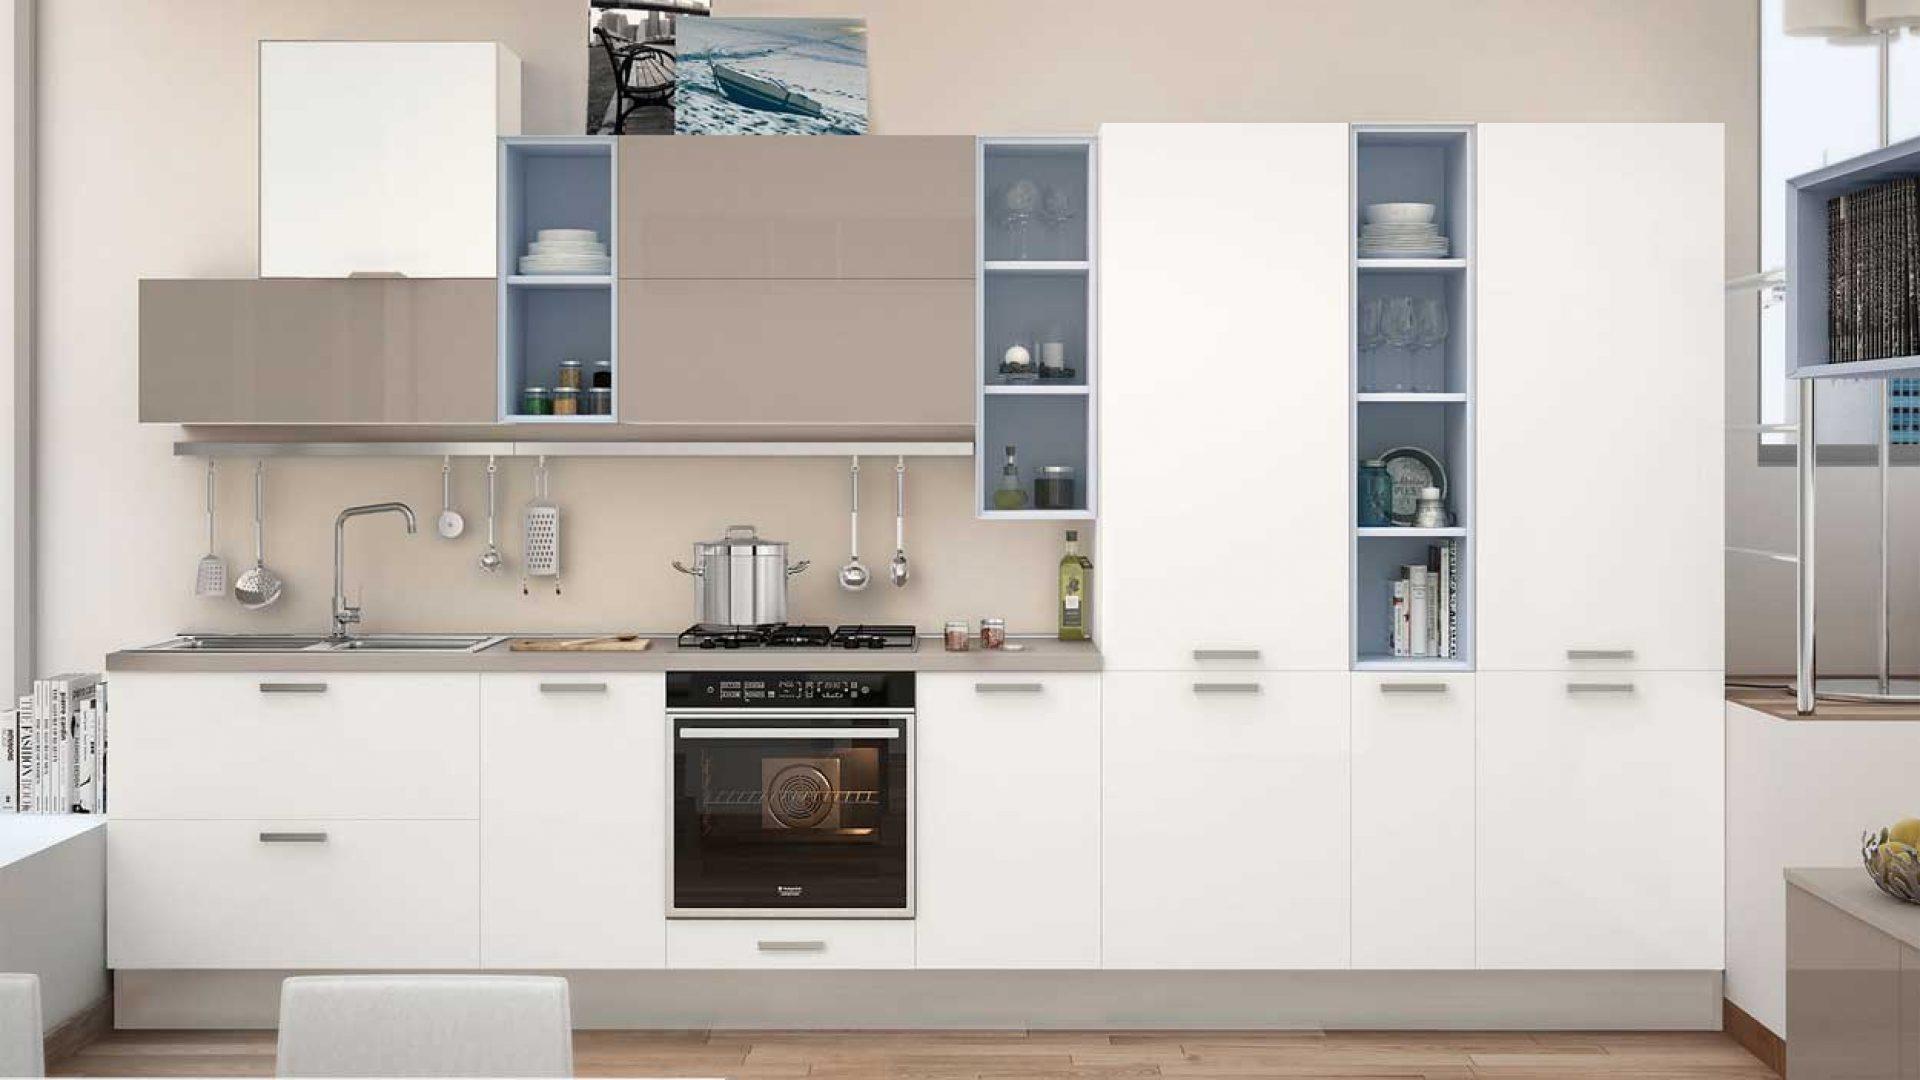 Cucine lube creo kitchen de caro arredamenti battipaglia for De caro arredamenti